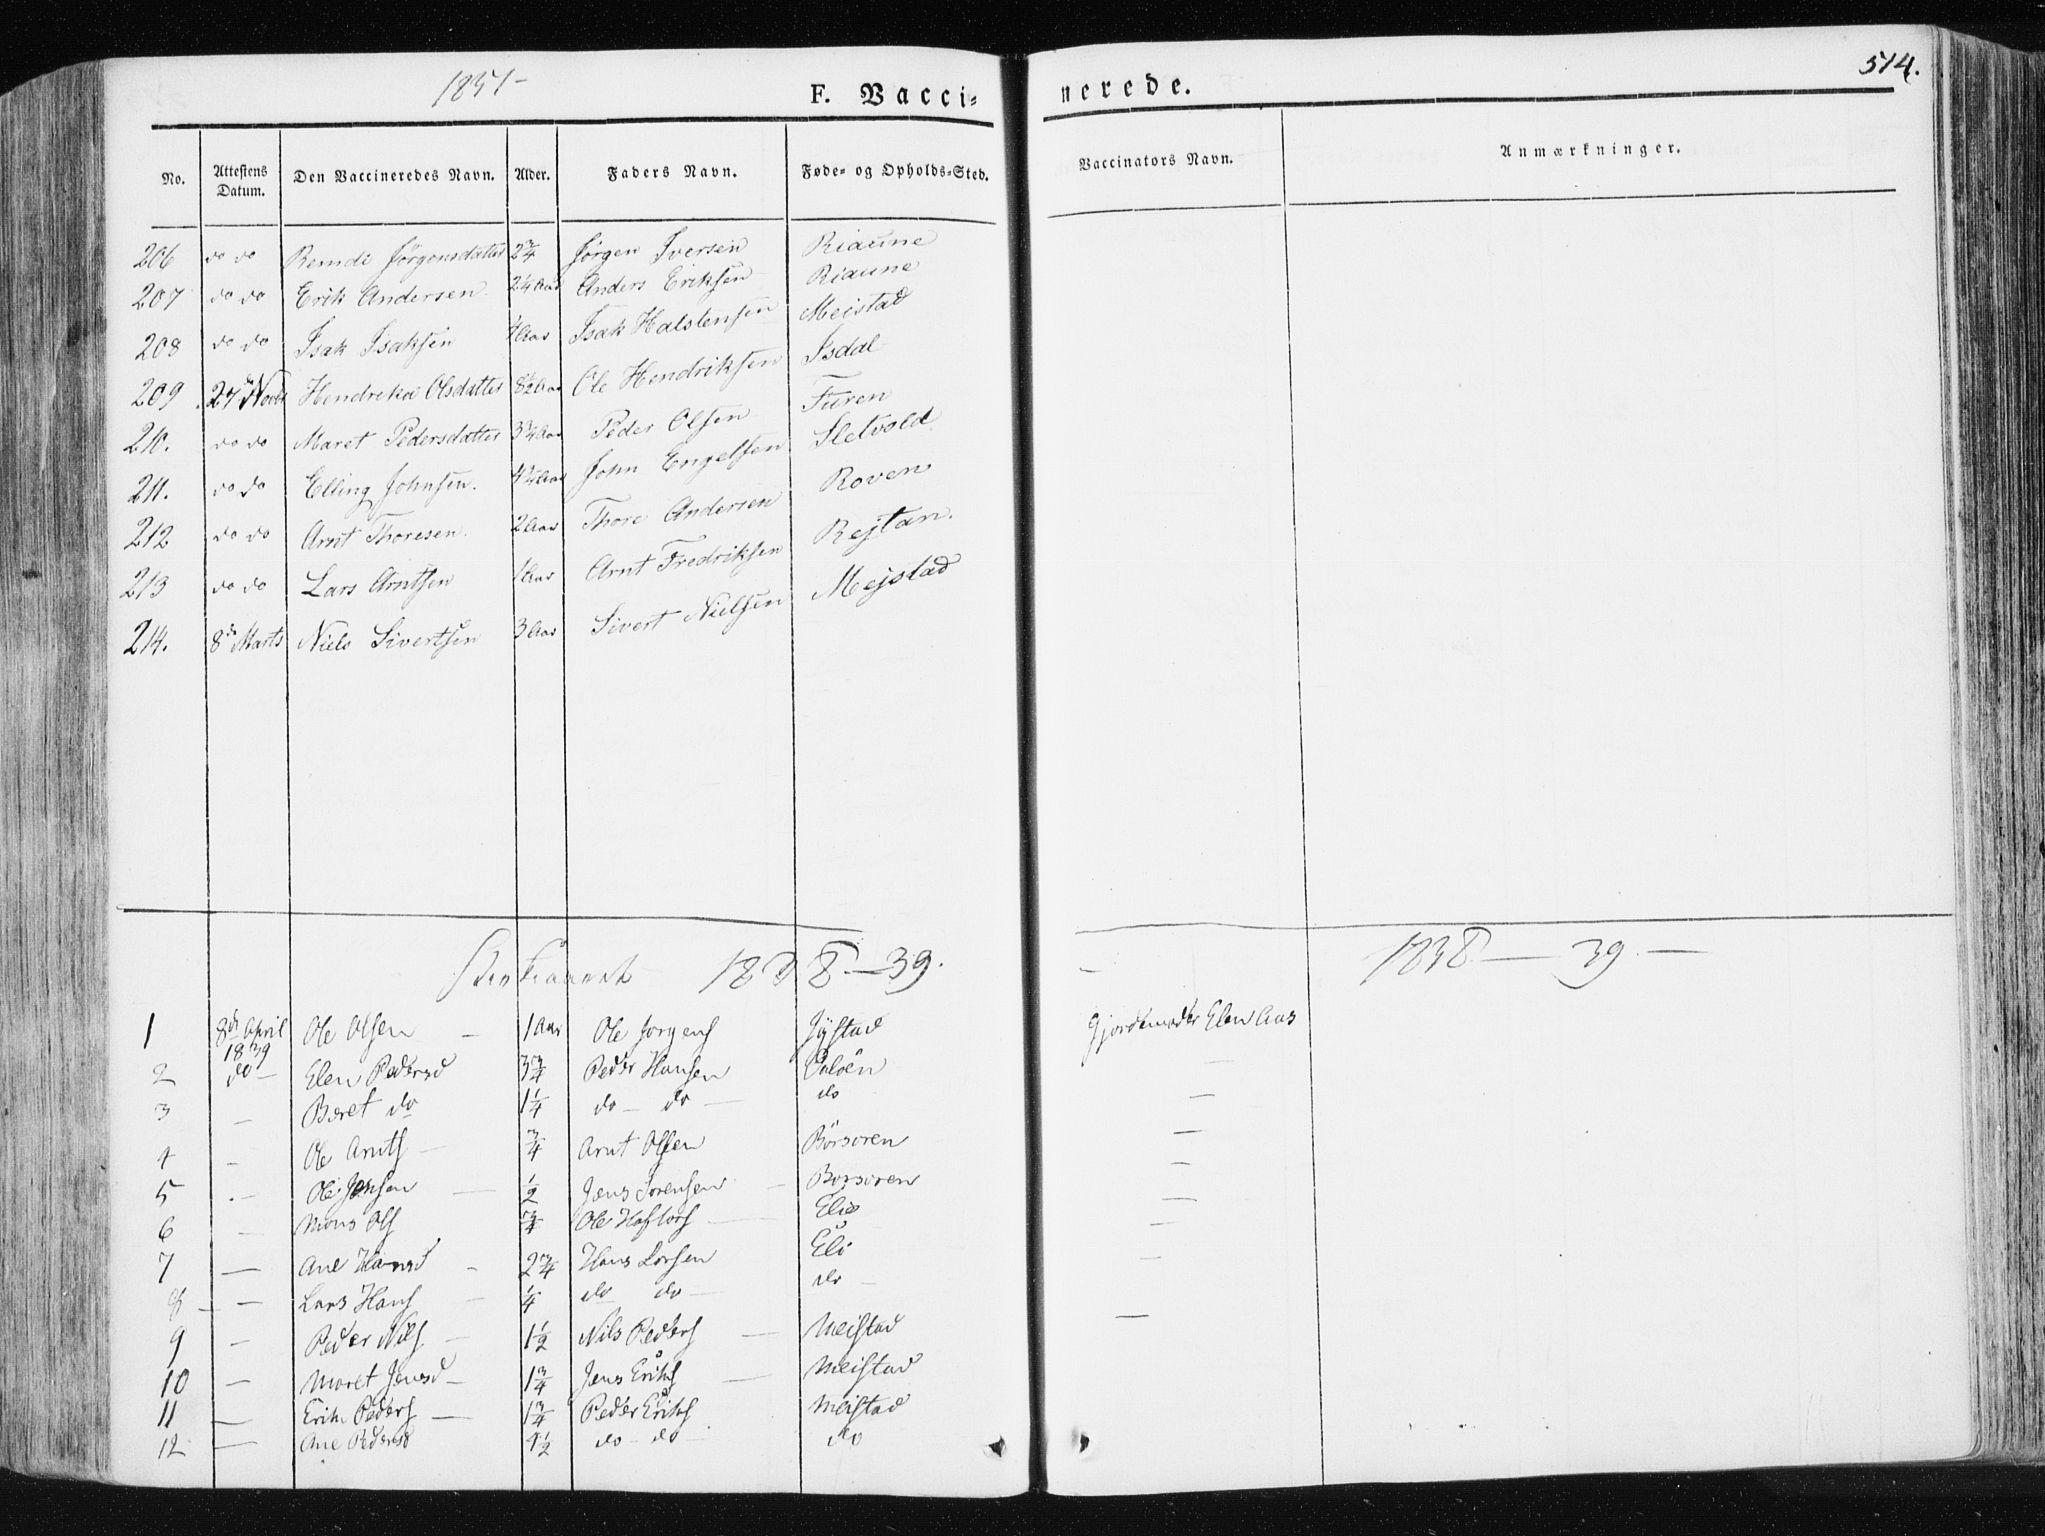 SAT, Ministerialprotokoller, klokkerbøker og fødselsregistre - Sør-Trøndelag, 665/L0771: Ministerialbok nr. 665A06, 1830-1856, s. 514